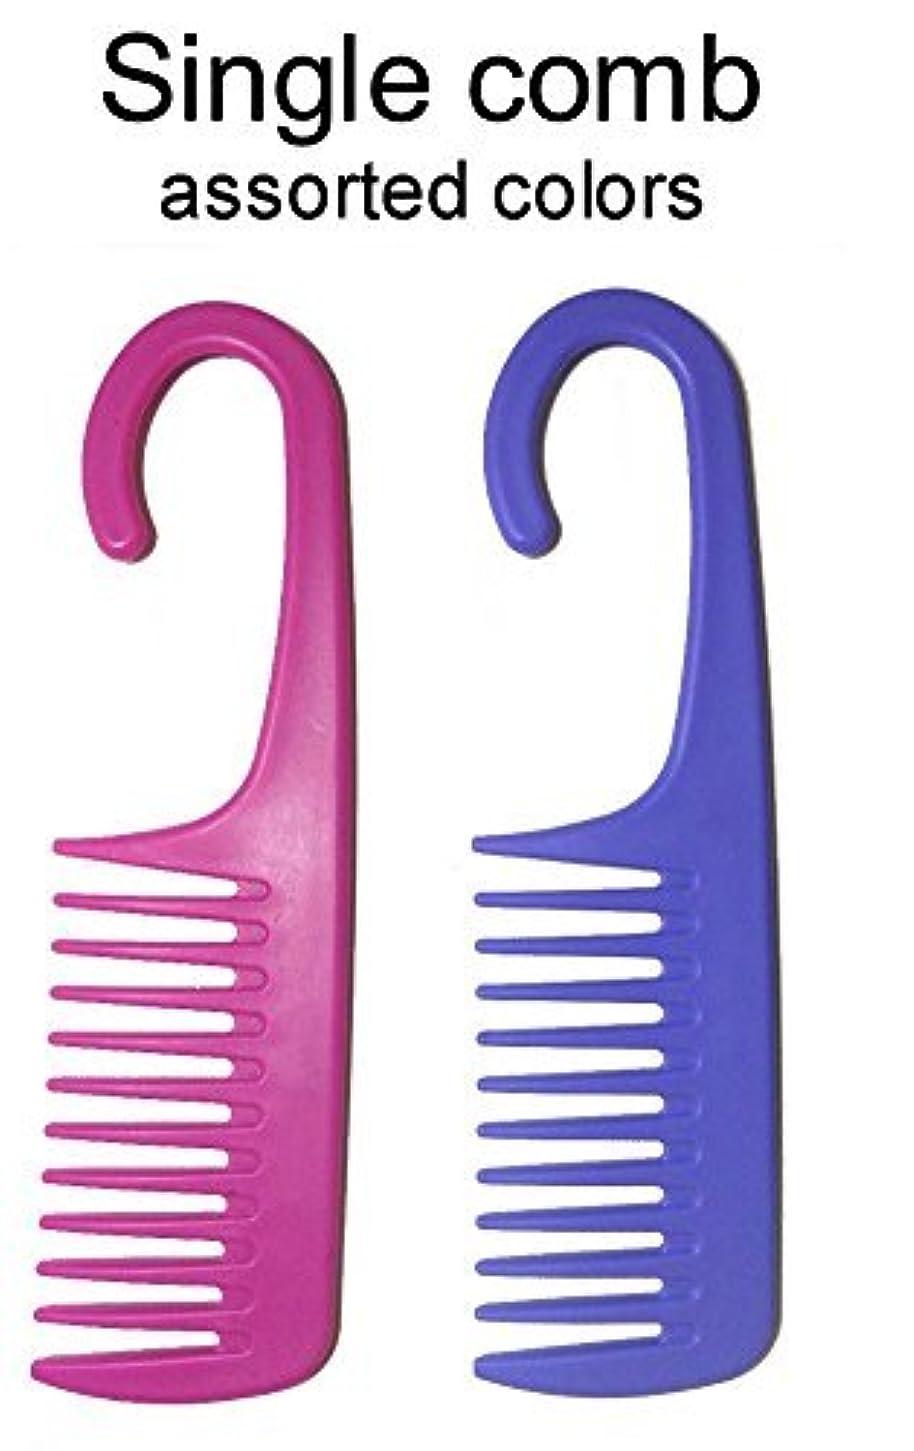 大差別珍しい1 Comb Exfoliage Hair Detangling/Conditioning Shower Wide Tooth with Hook for Hanging - COLORS MAY VARY [並行輸入品]